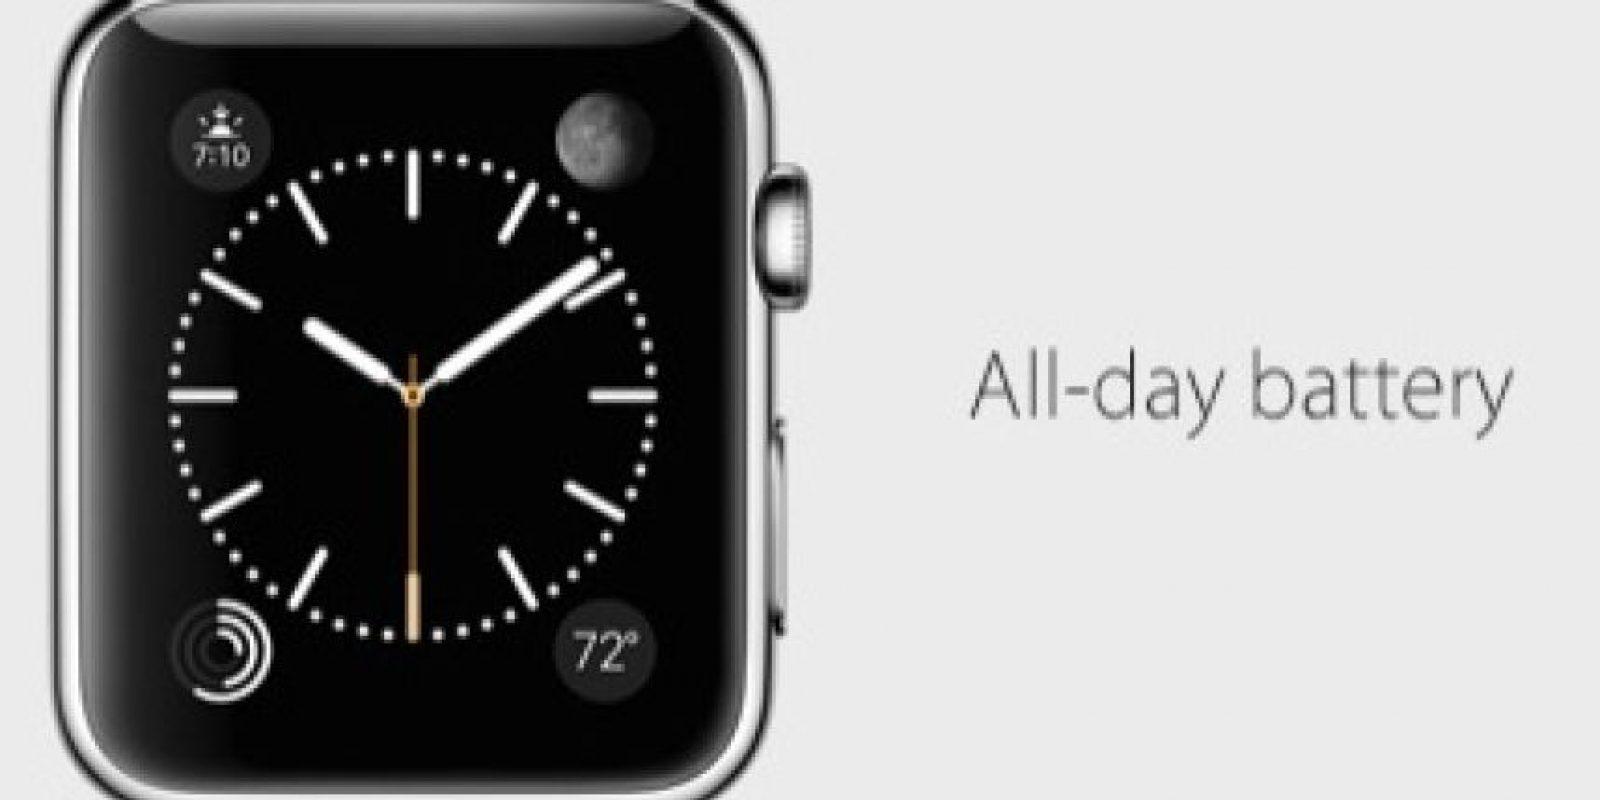 Batería: Duración aproximada de todo el día. Foto:Apple